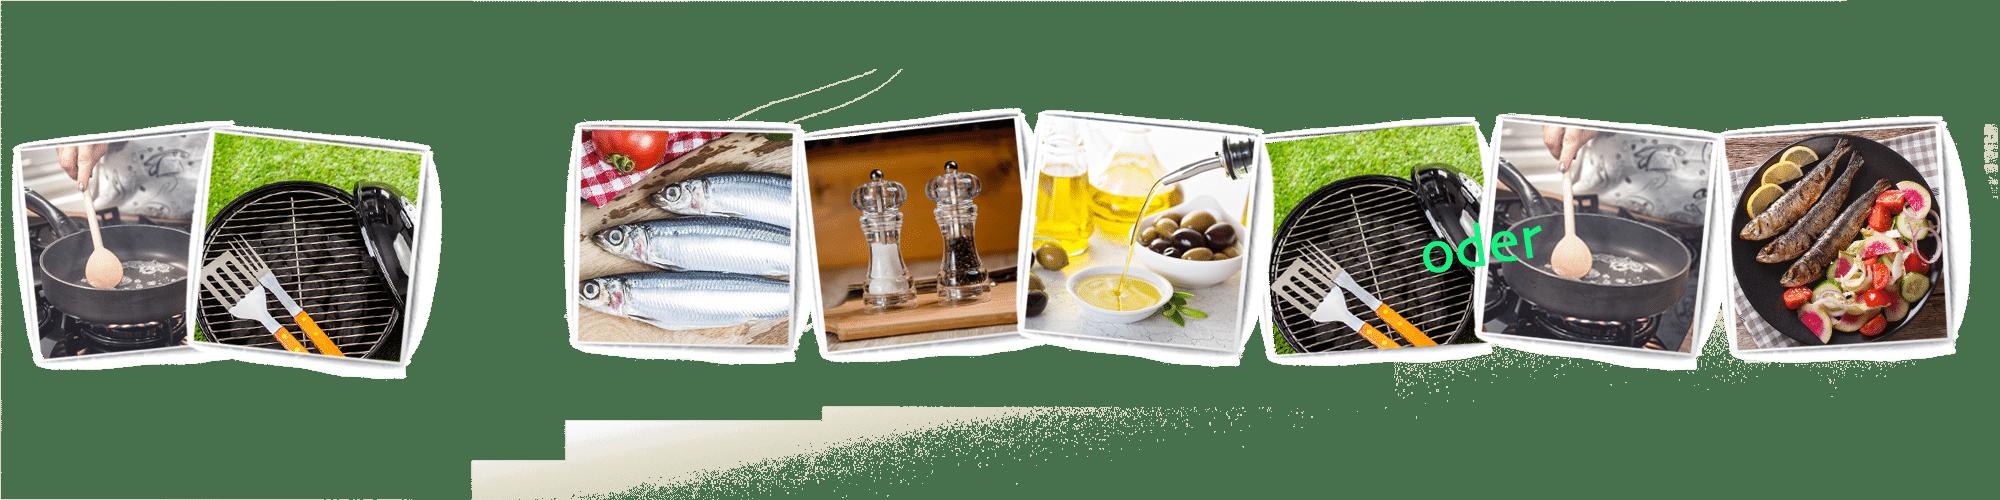 unten bilderrahemen sardine neu